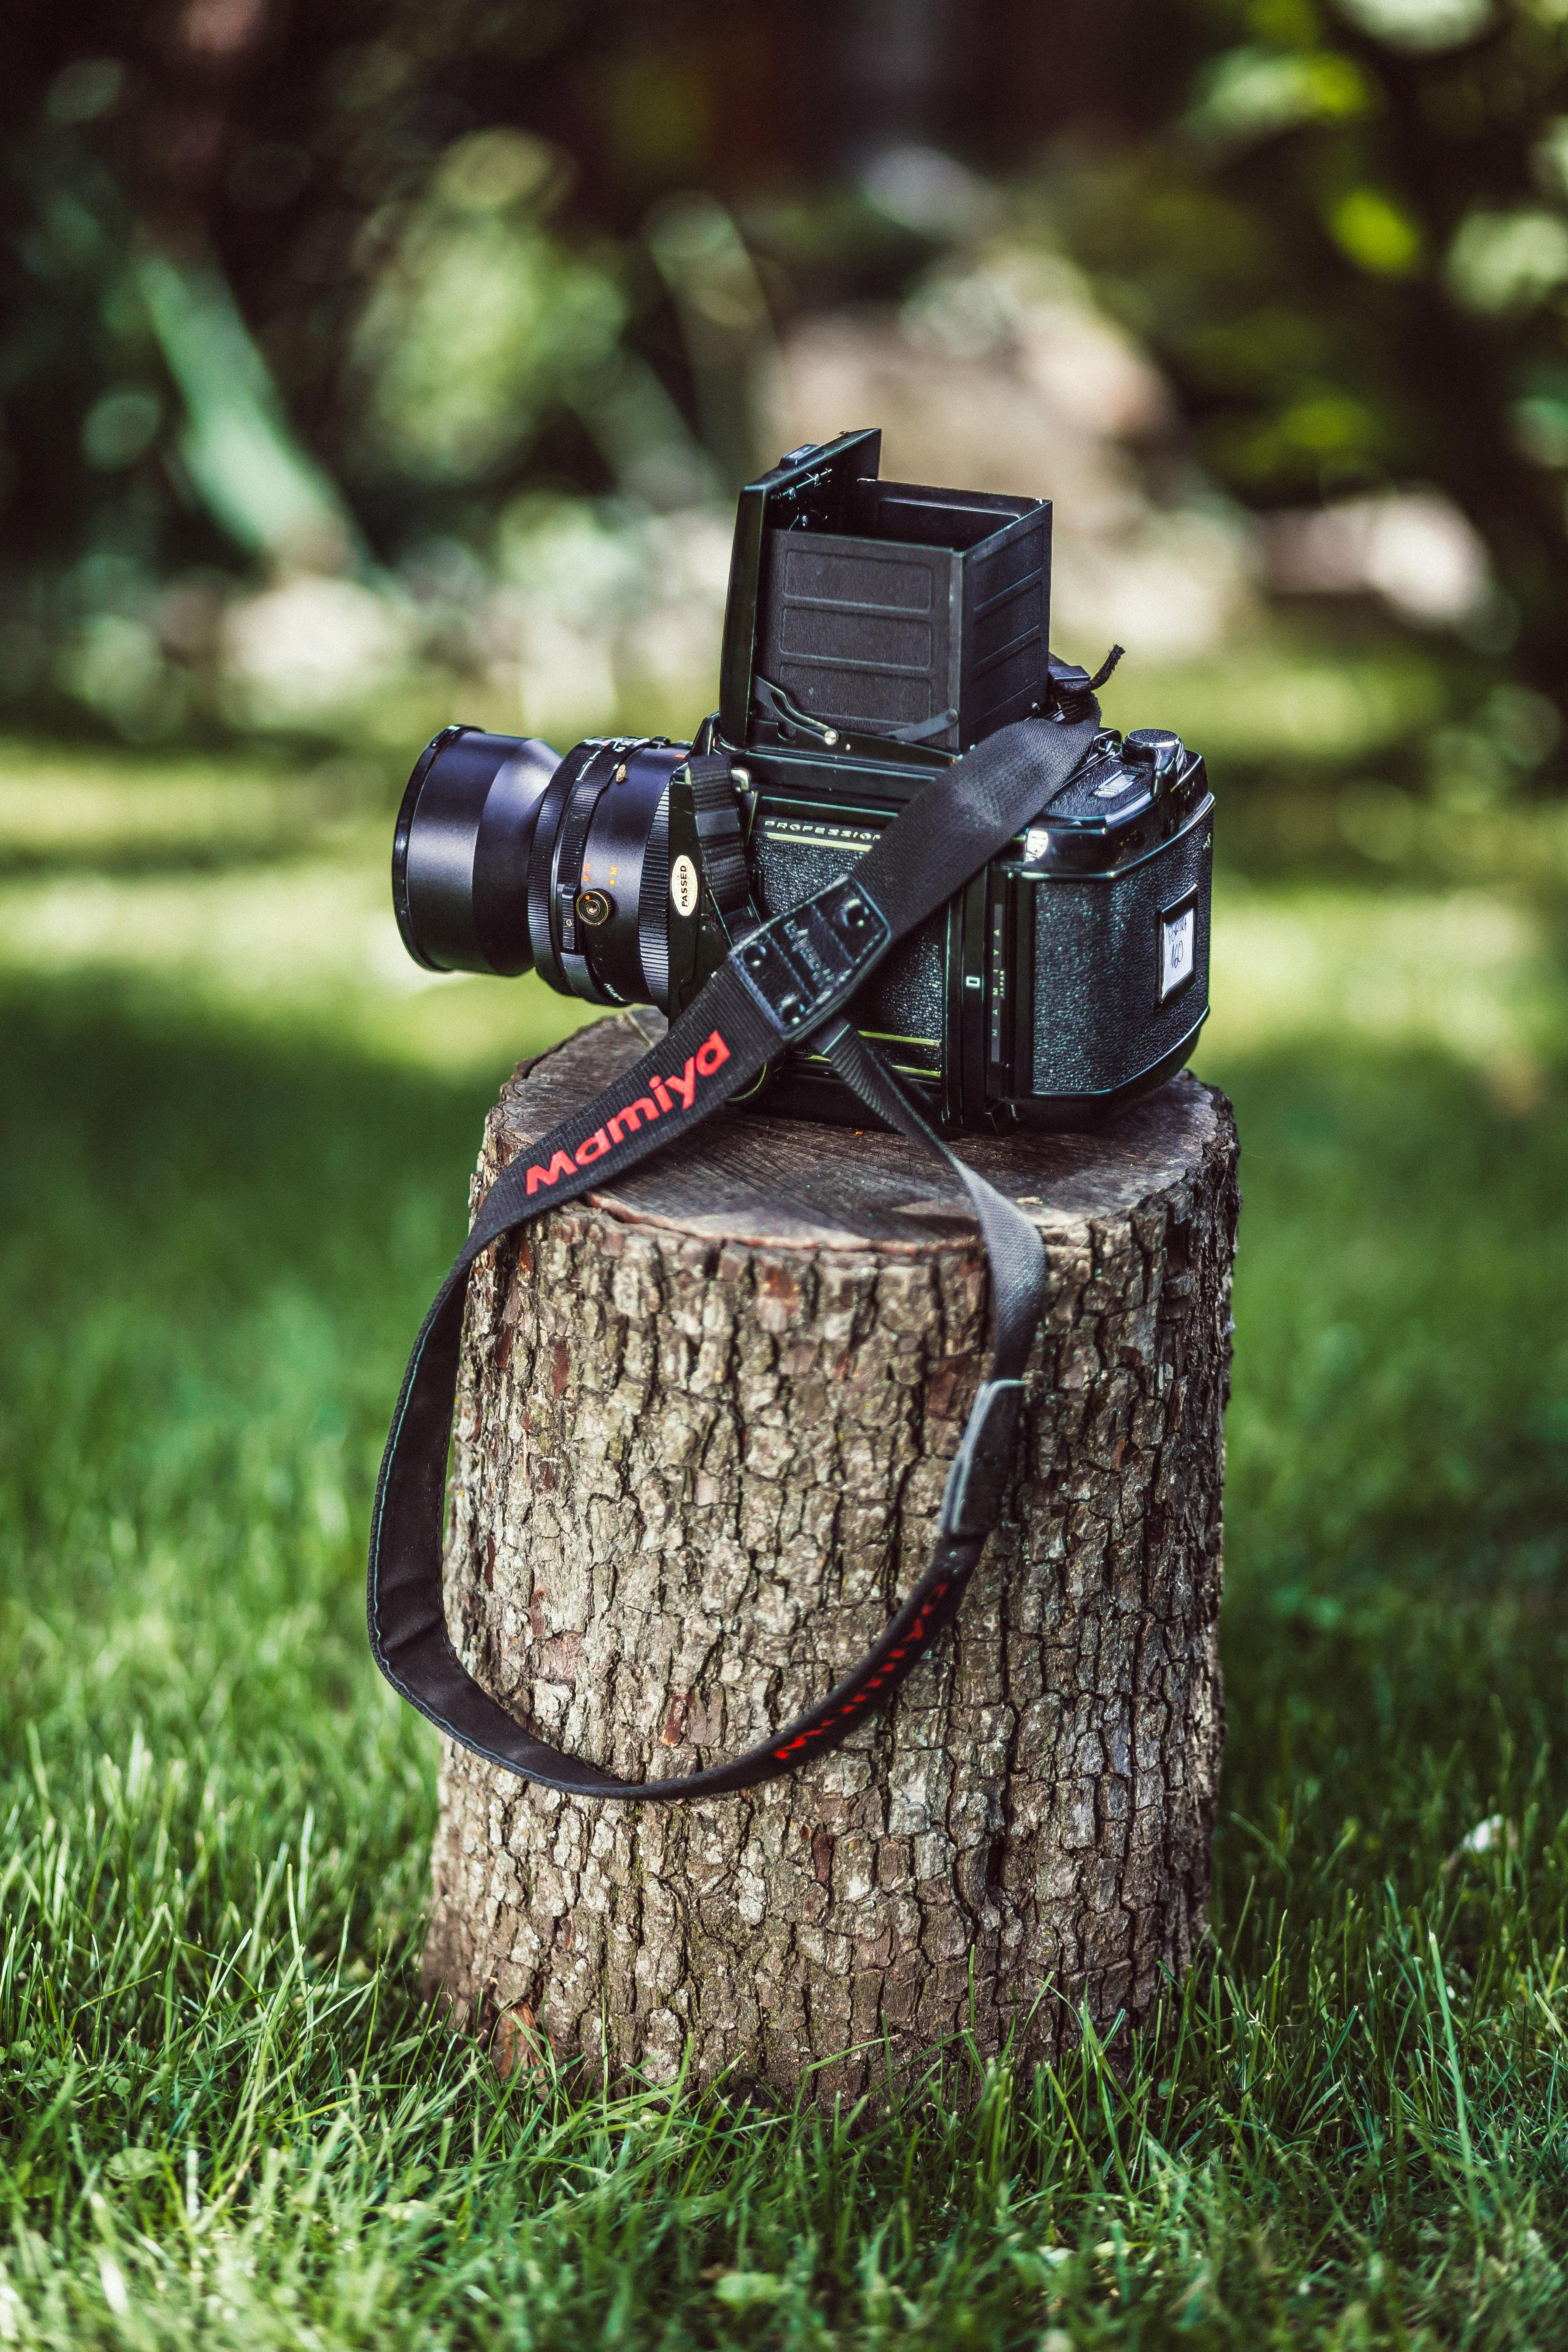 Fotos gratis : Bokeh, Iniciar sesión, canon, arma, Cámara réflex ...